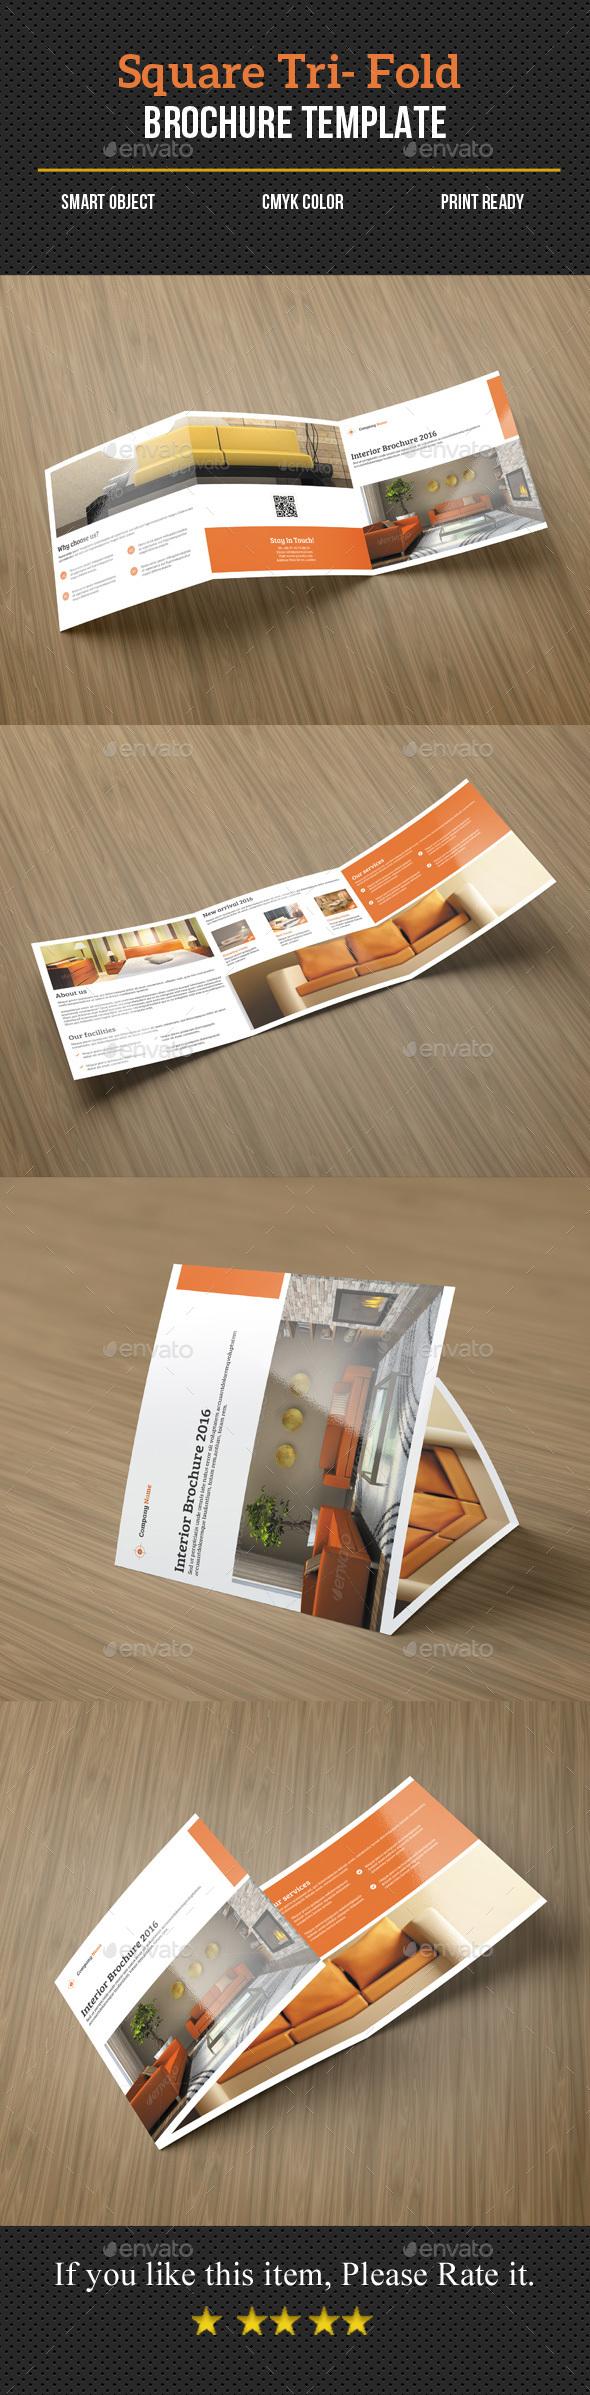 Square Tri-Fold Interior Brochure - Corporate Brochures